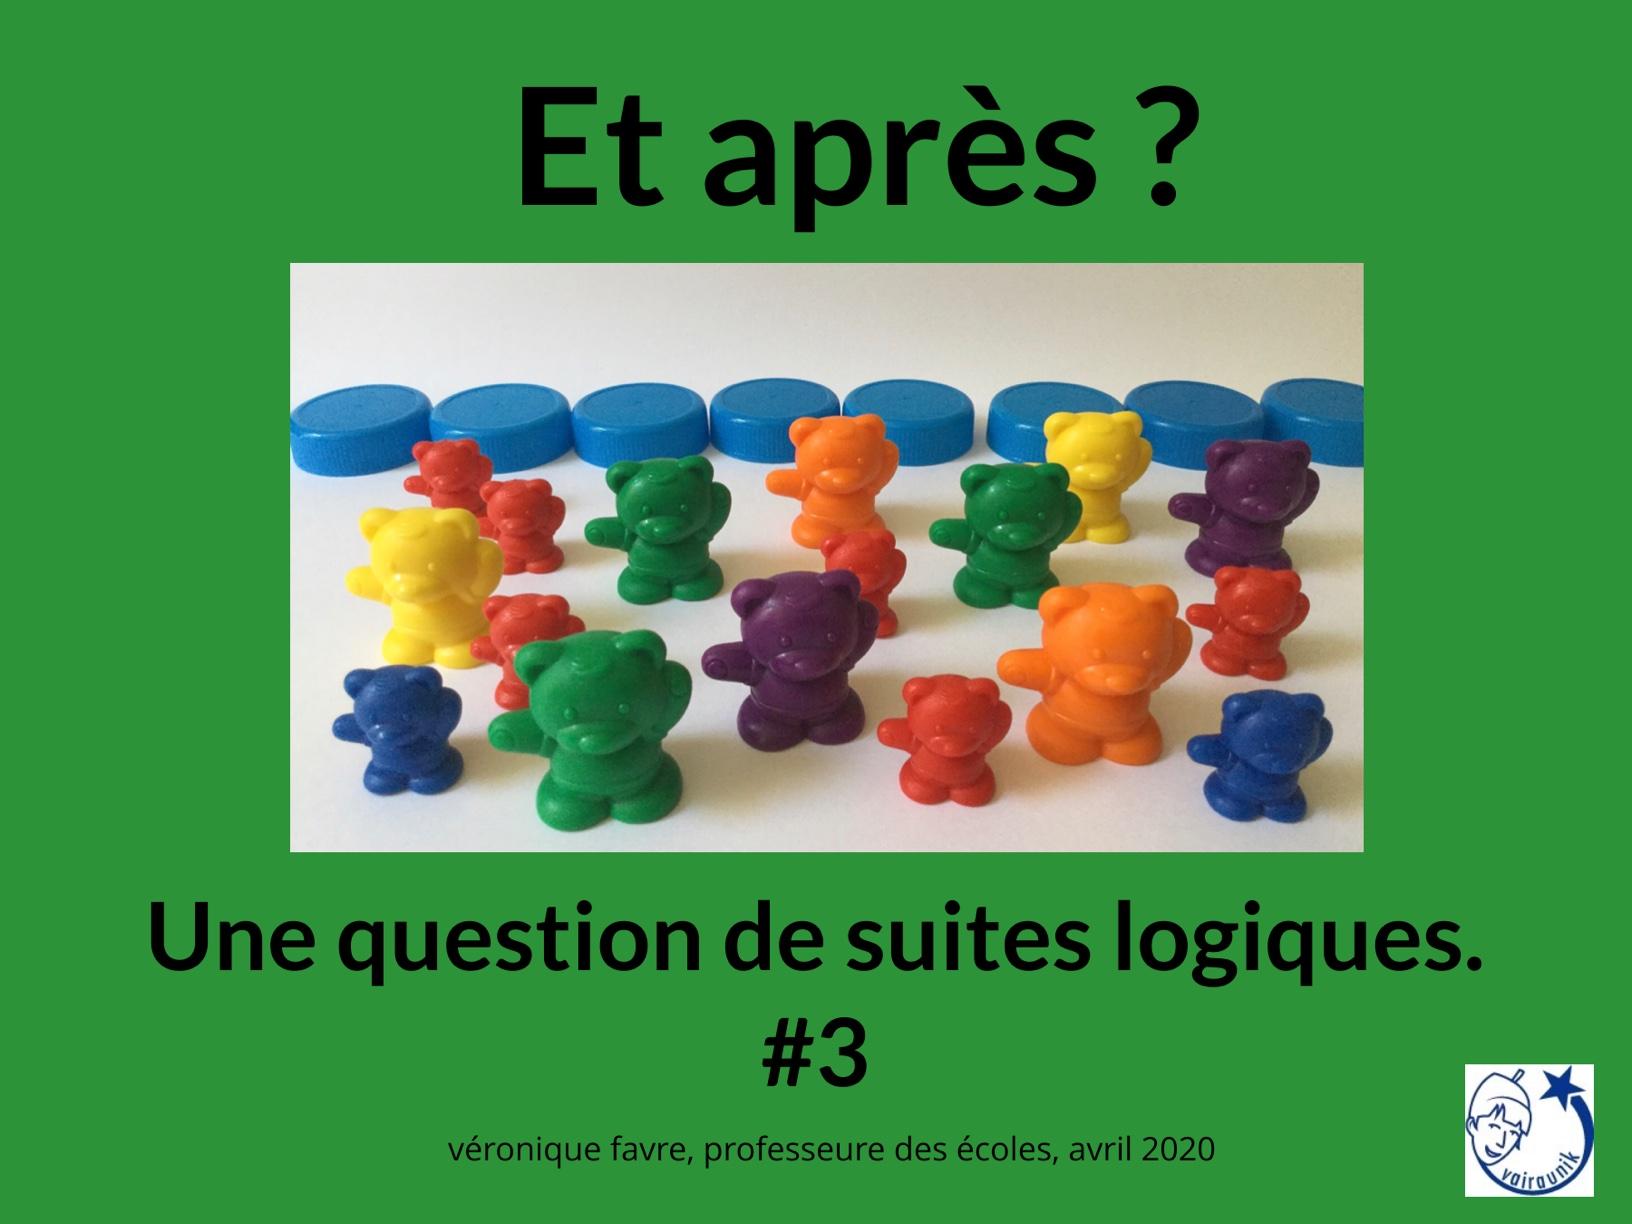 SUITES LOGIQUES #3